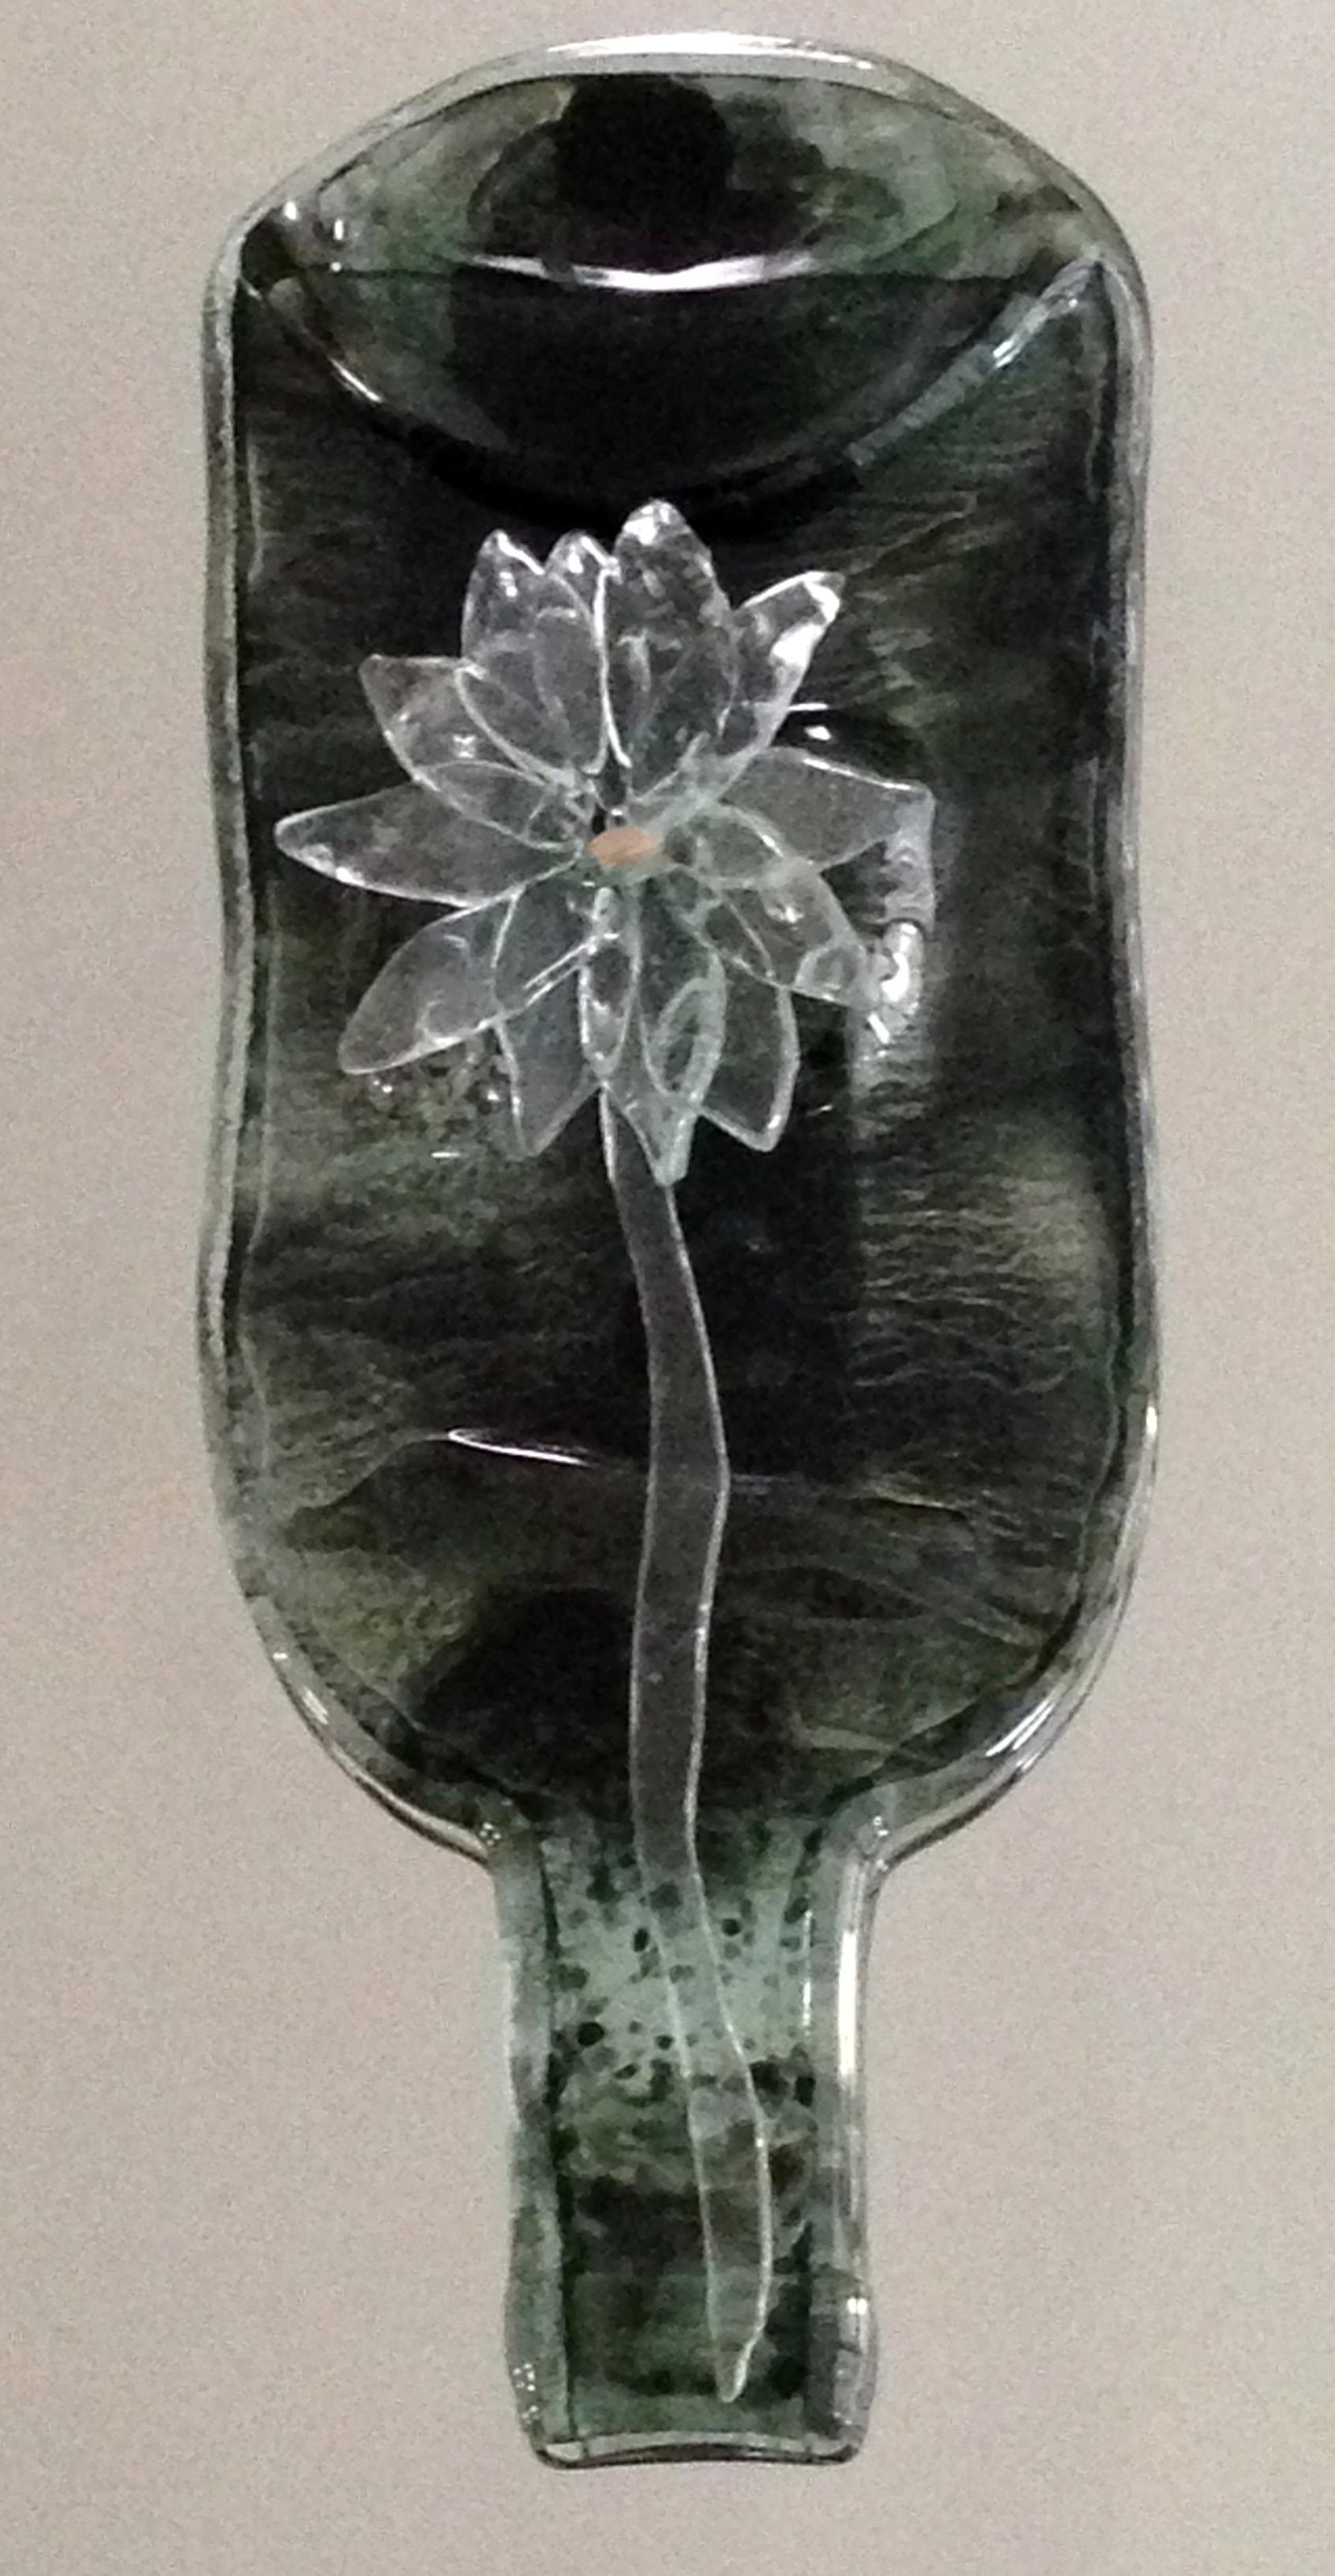 vaso invertido 3.jpg